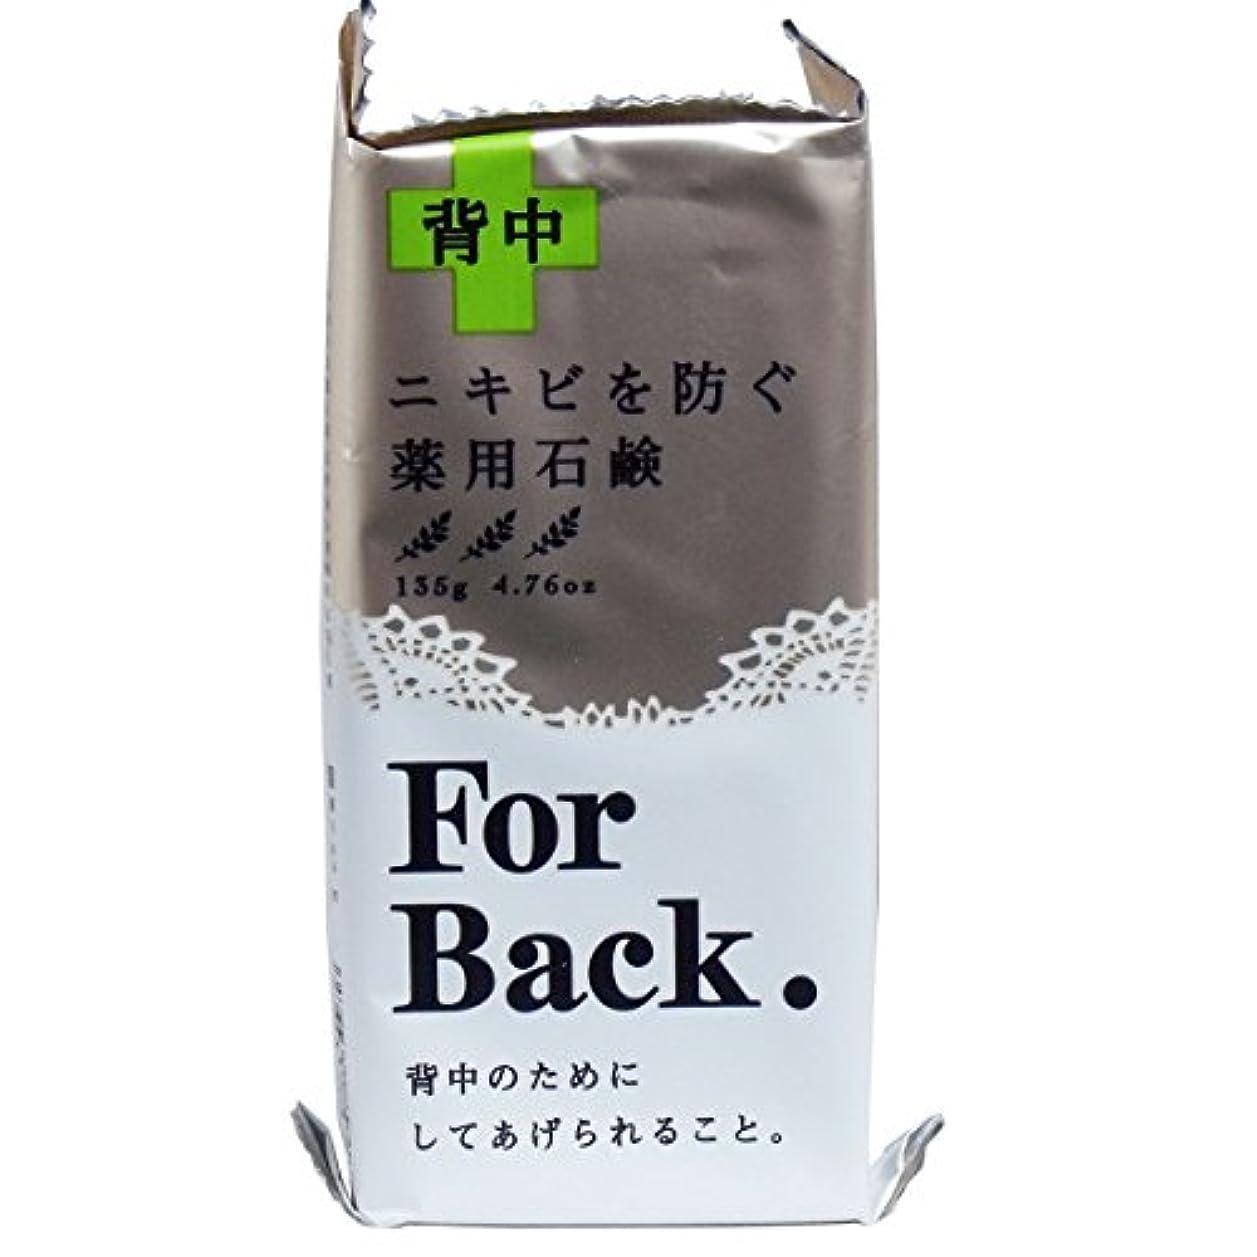 平方世紀落胆した薬用石鹸ForBack 135g ×2セット